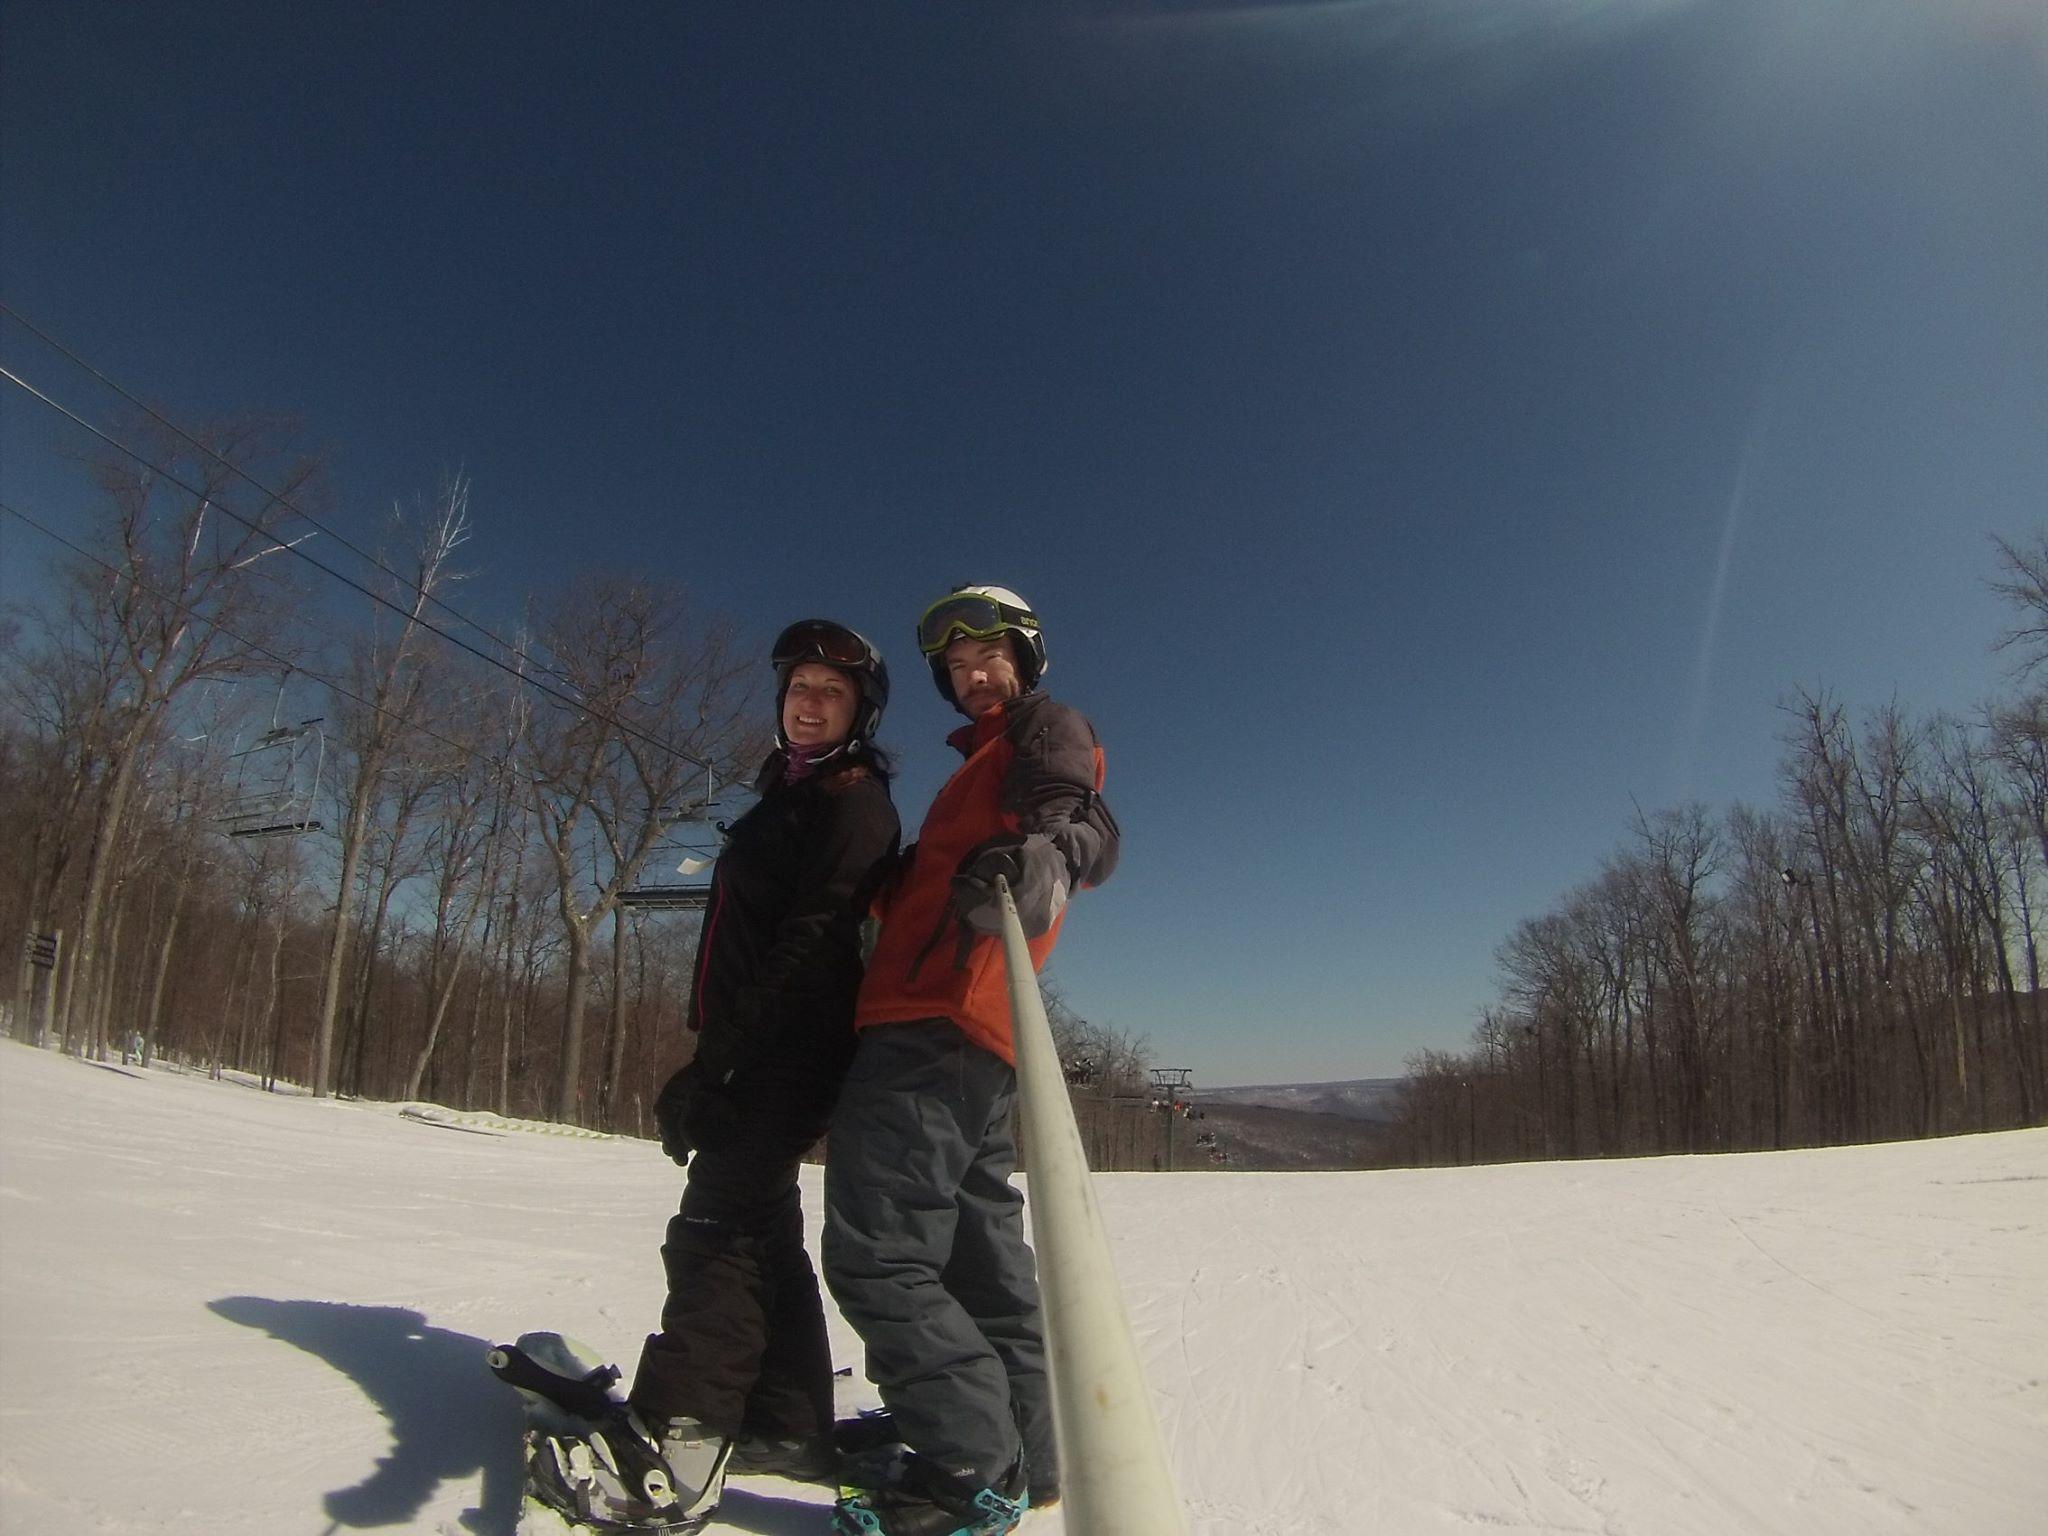 Ski Pole Selfie with GoPro